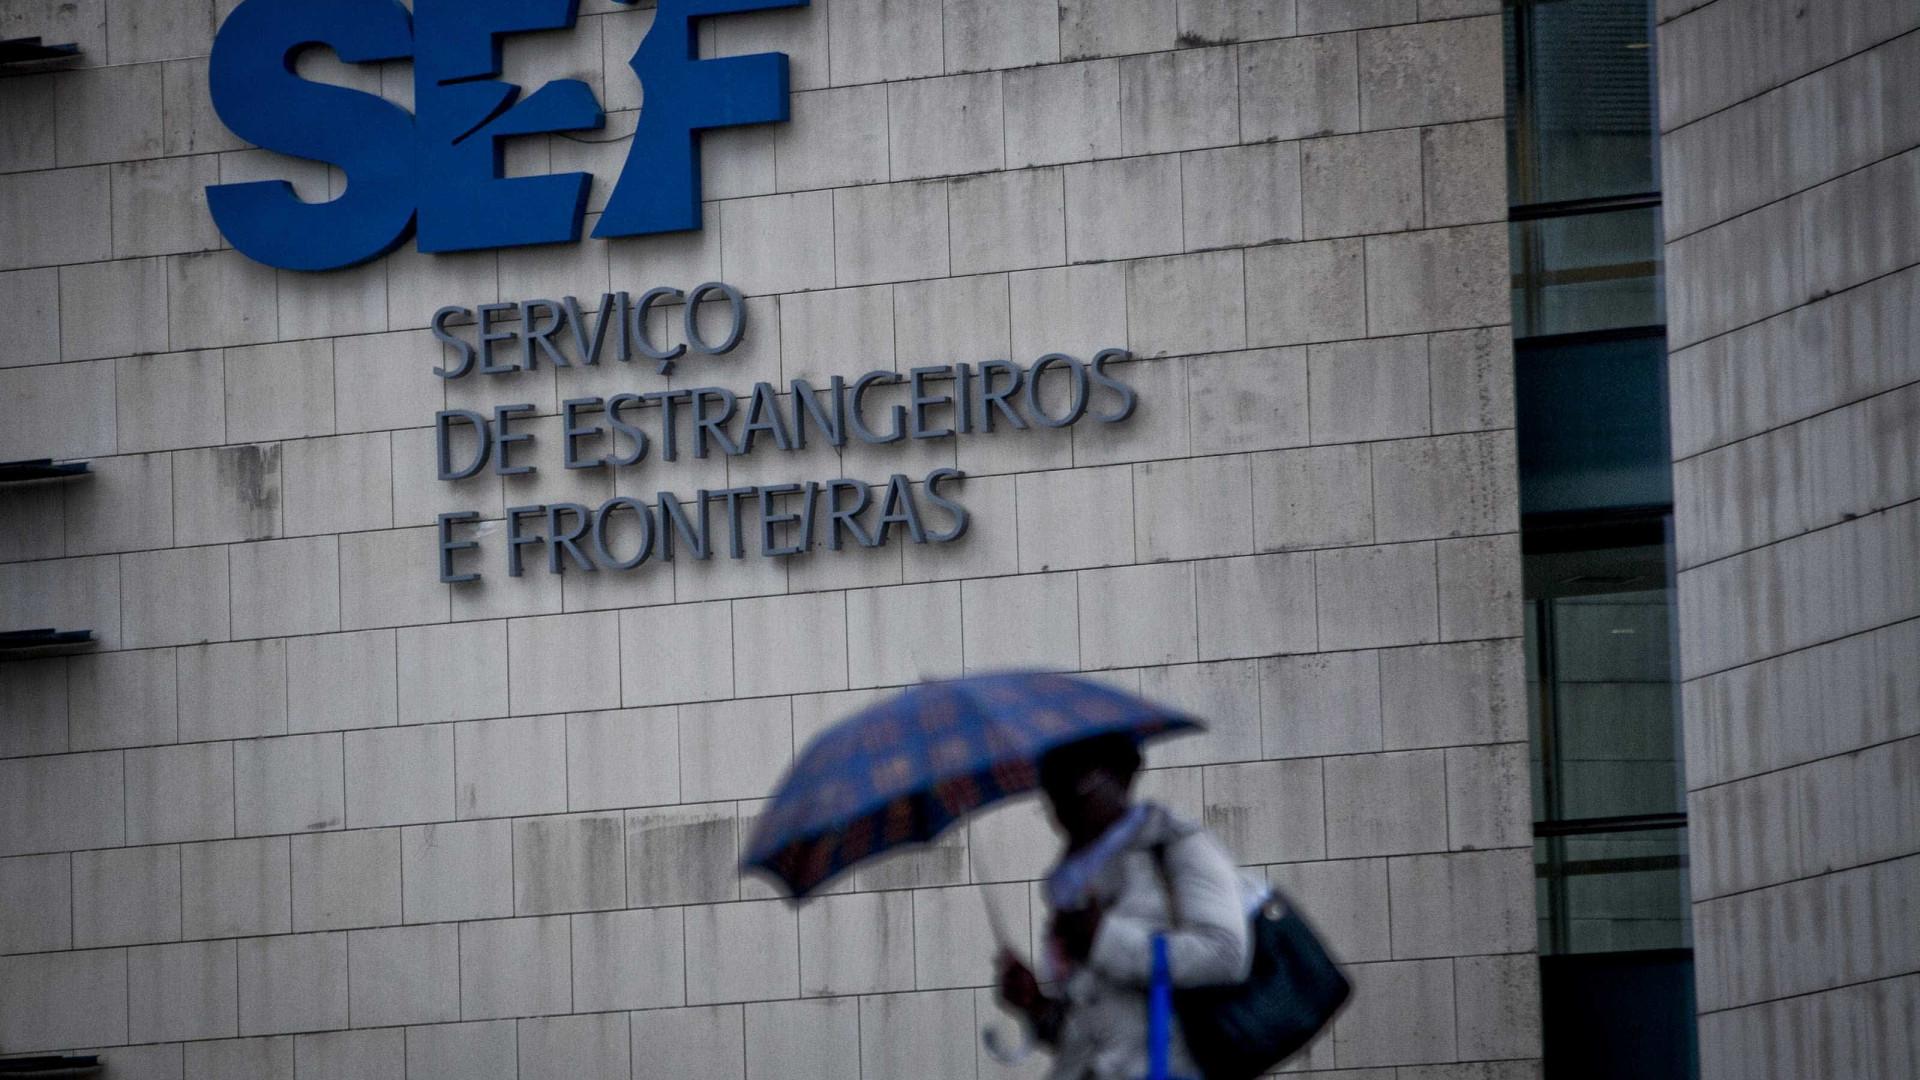 SEF detém cinco cidadãos no aeroporto de Lisboa por documentação falsa